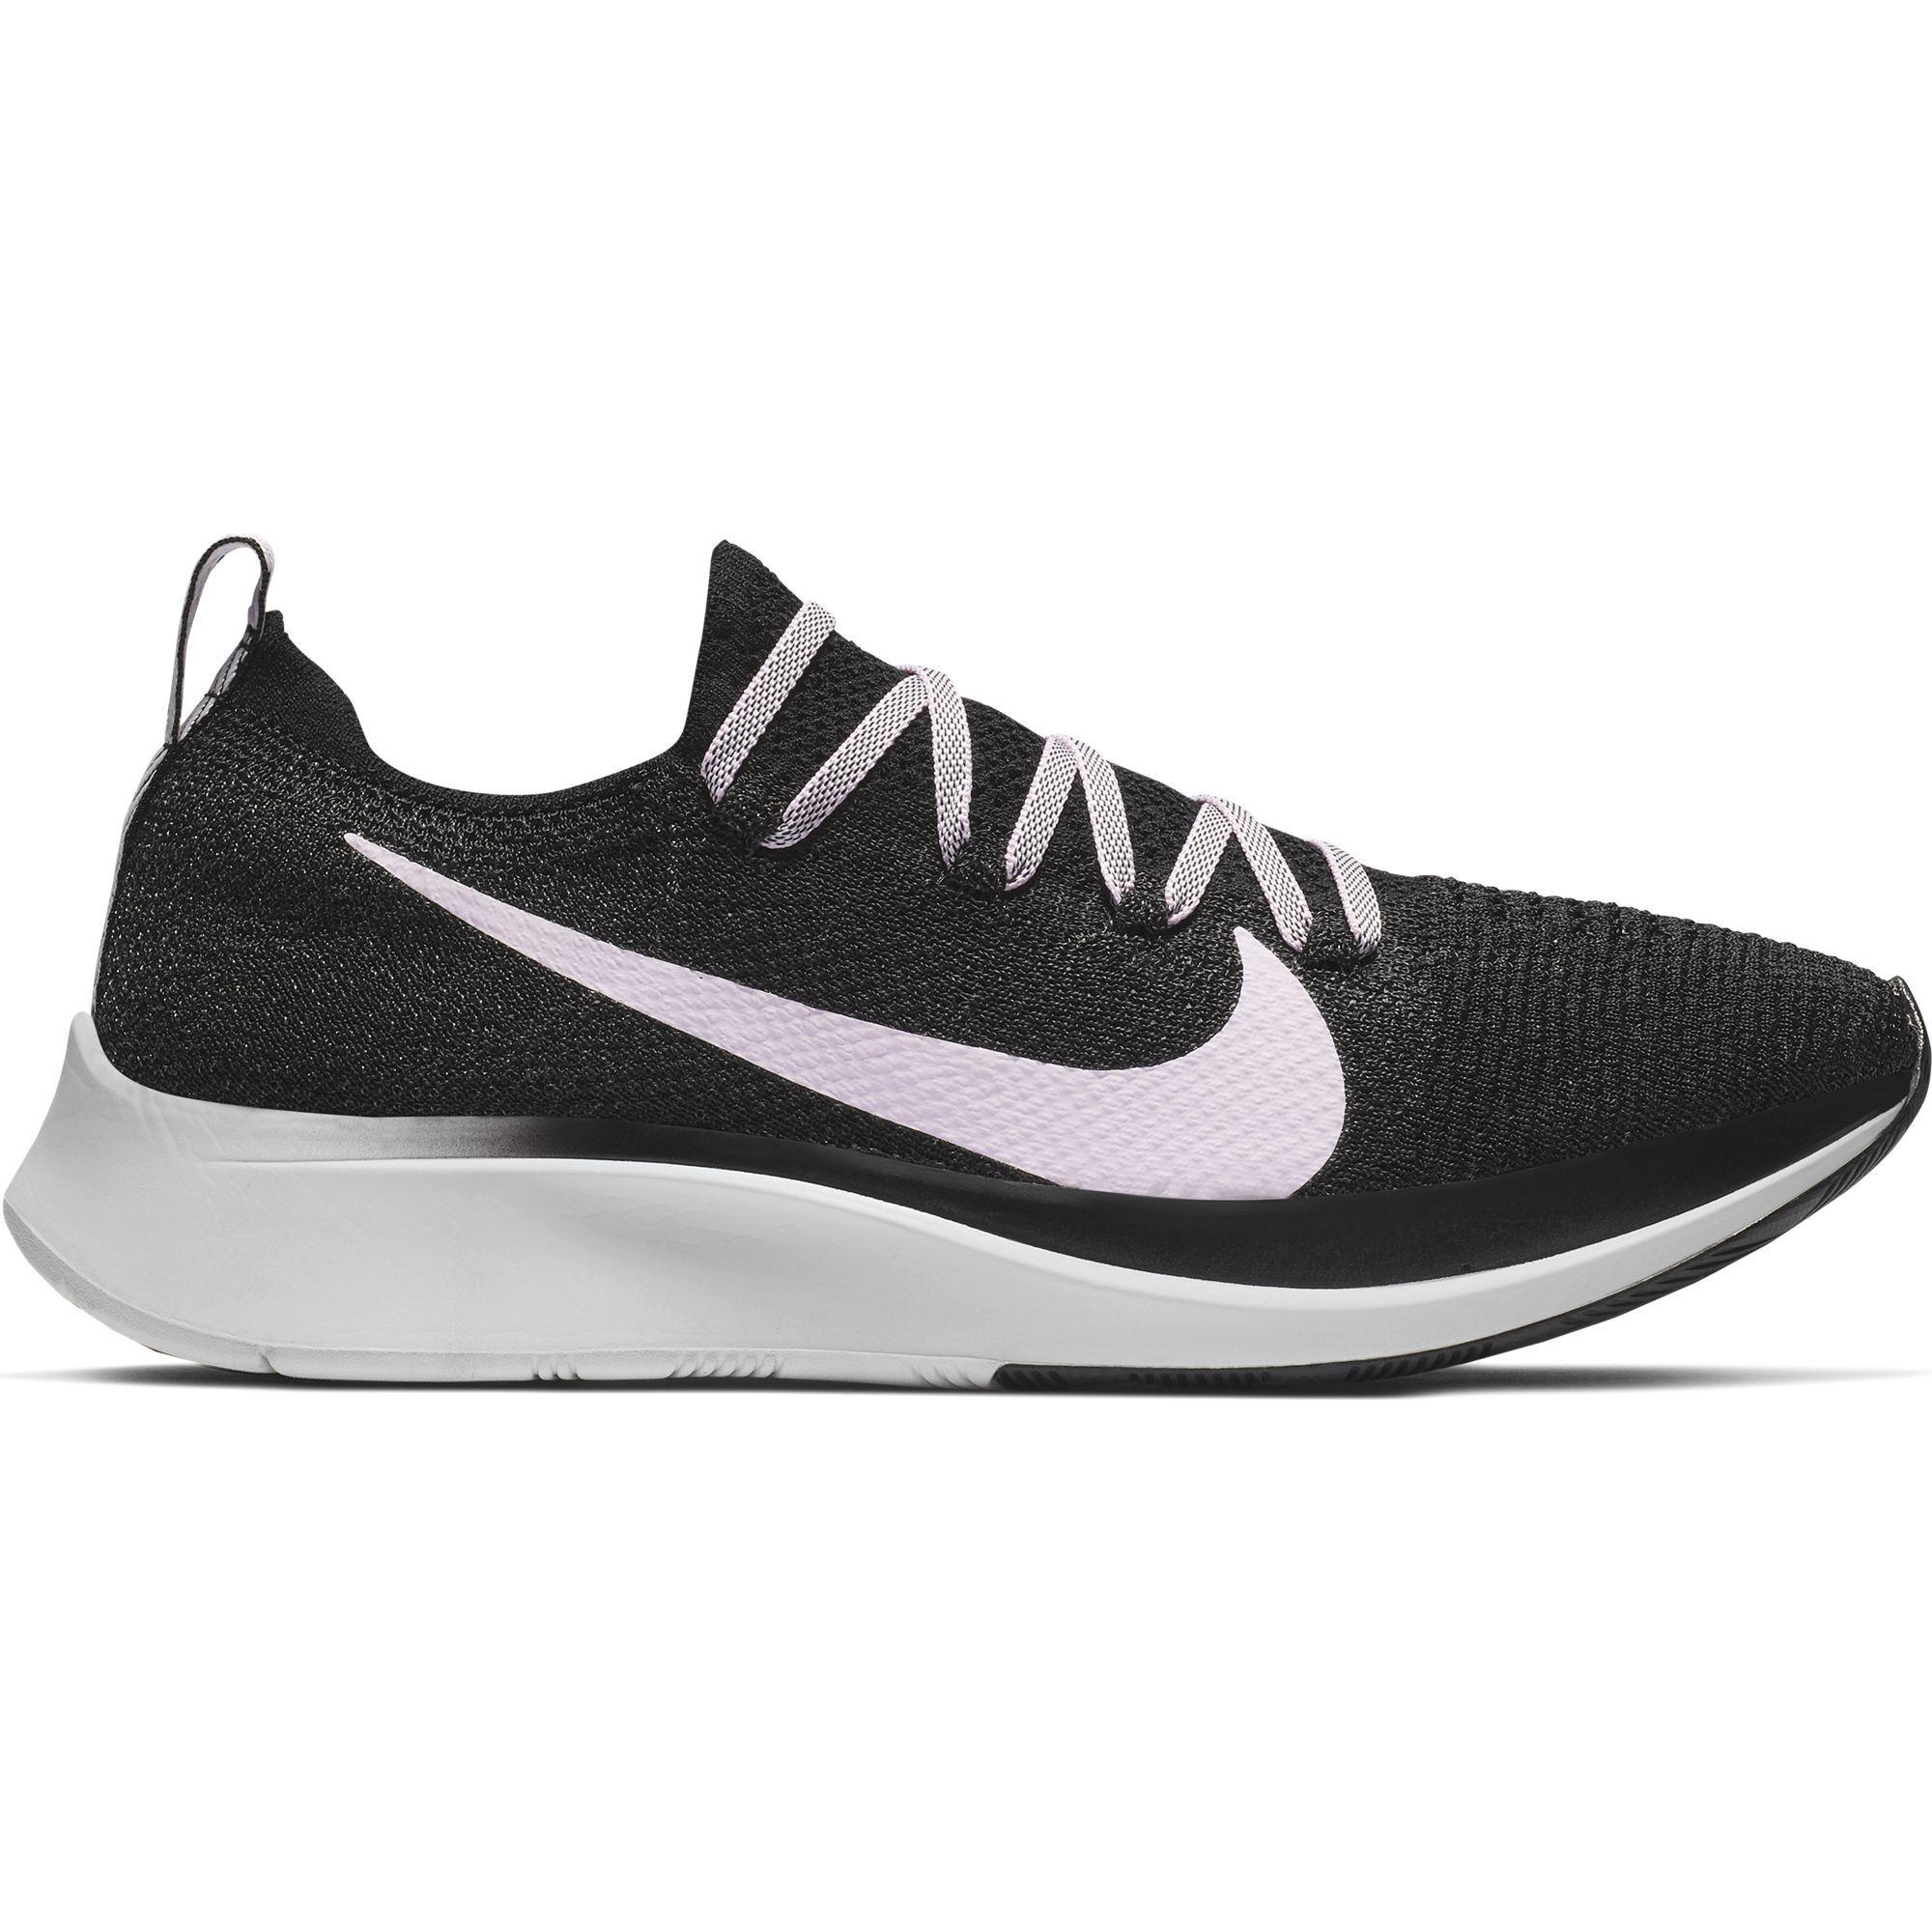 Nike Lady Zoom Fly Flyknit in Grau Rosa